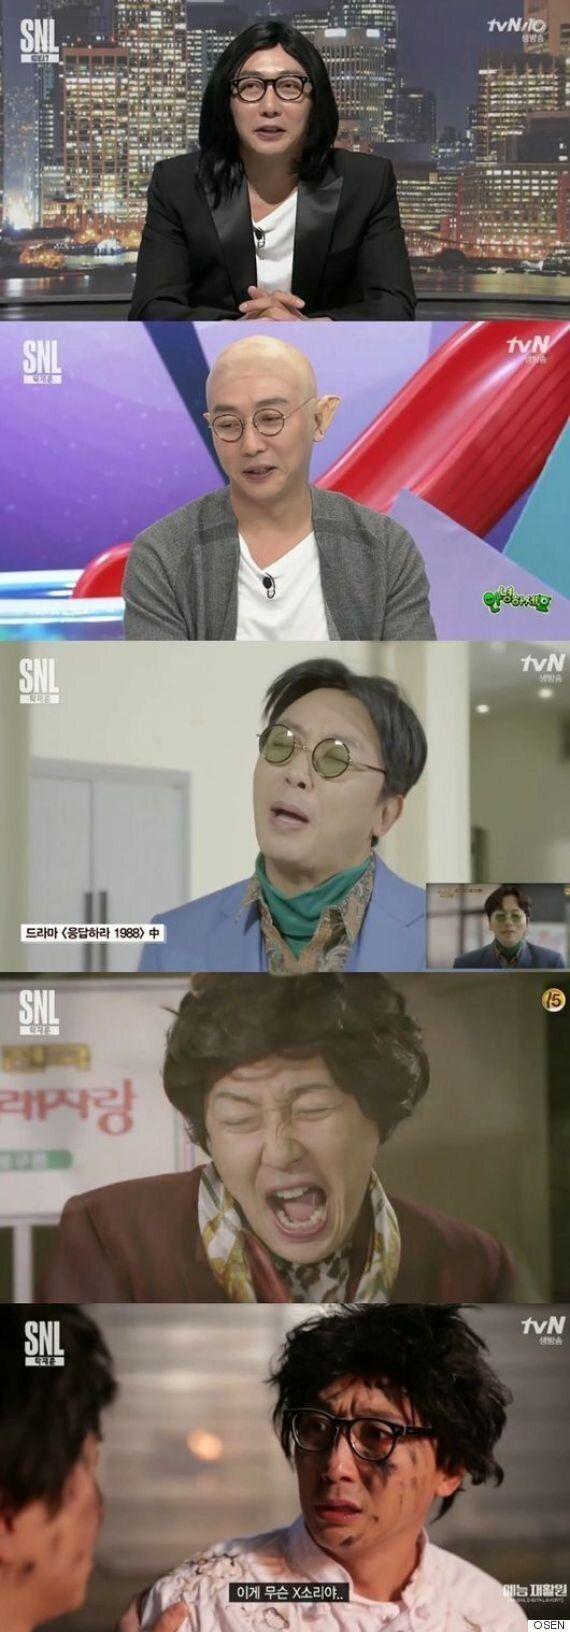 탁재훈 'SNL 7' 출연해 셀프